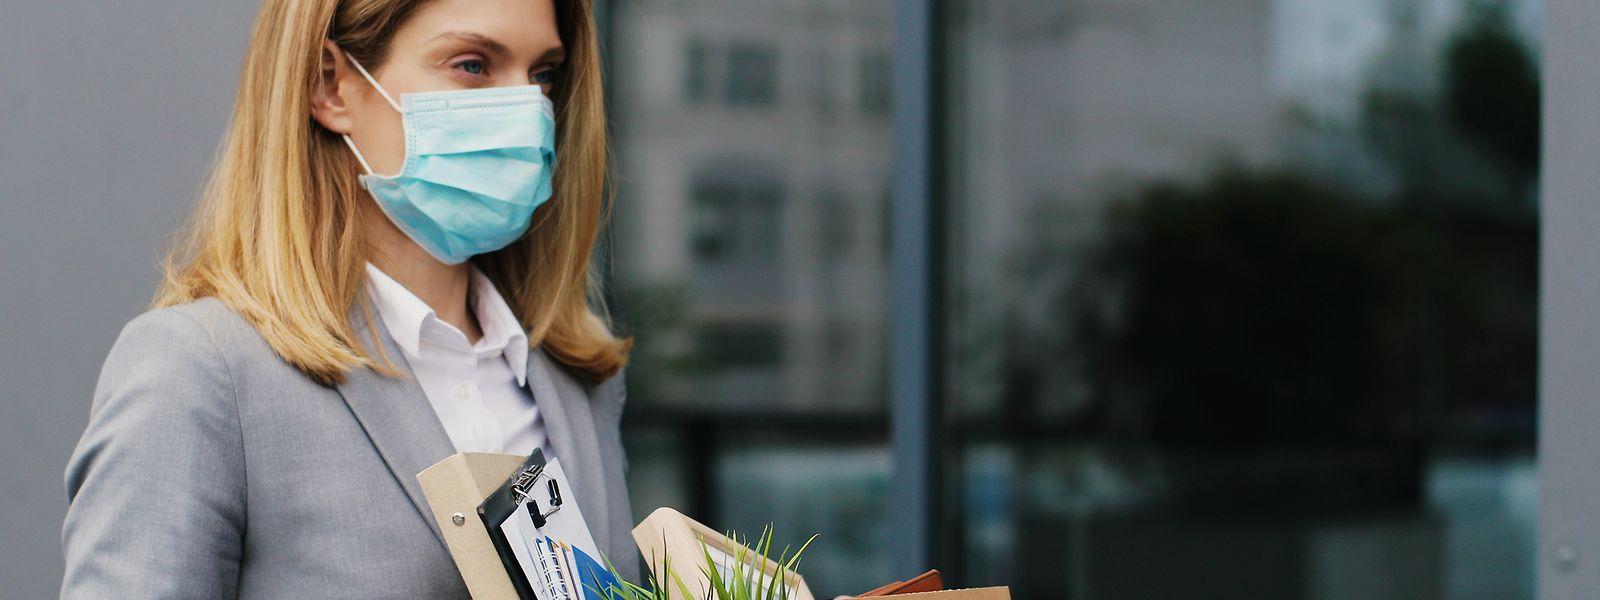 Viele Unternehmen bekommen die wirtschaftlichen Folgen der Corona-Pandemie zu spüren – und müssen sich in den schlimmsten Fällen von Mitarbeitern trennen.